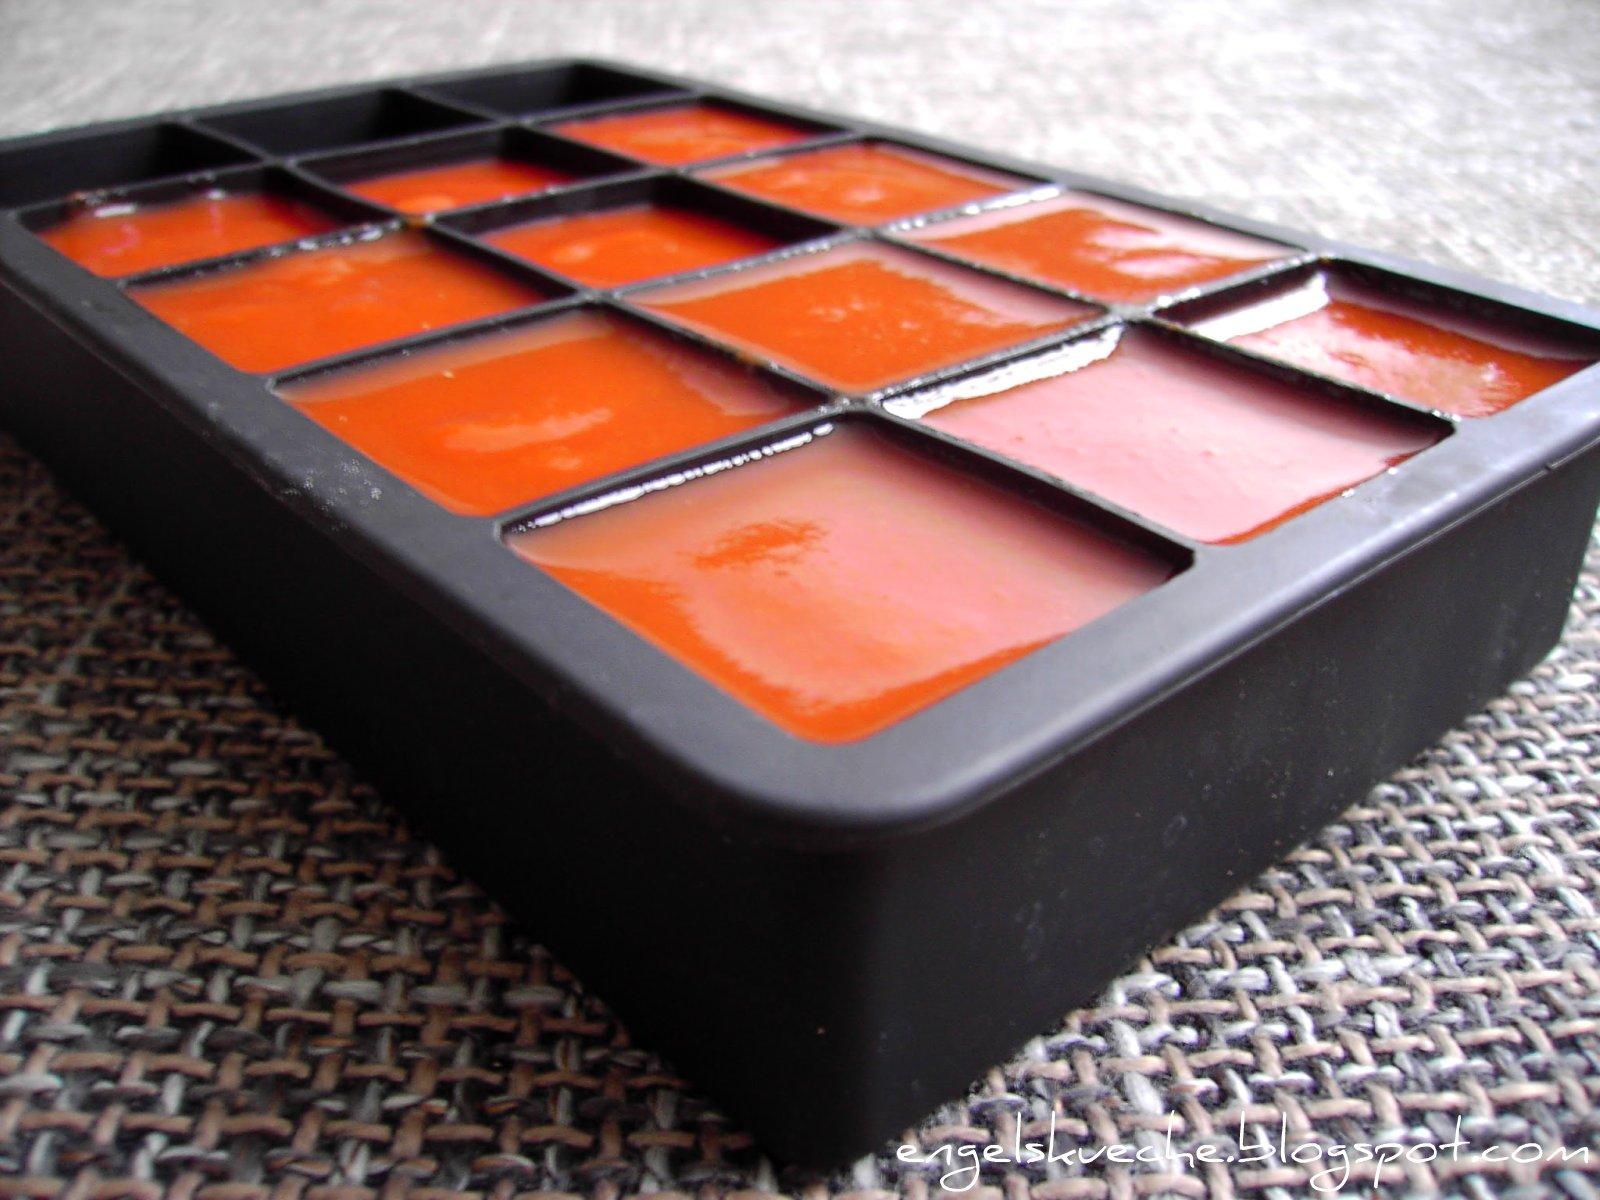 essen aus engelchens k che tipps tricks passierte tomaten nie mehr reste wegwerfen. Black Bedroom Furniture Sets. Home Design Ideas